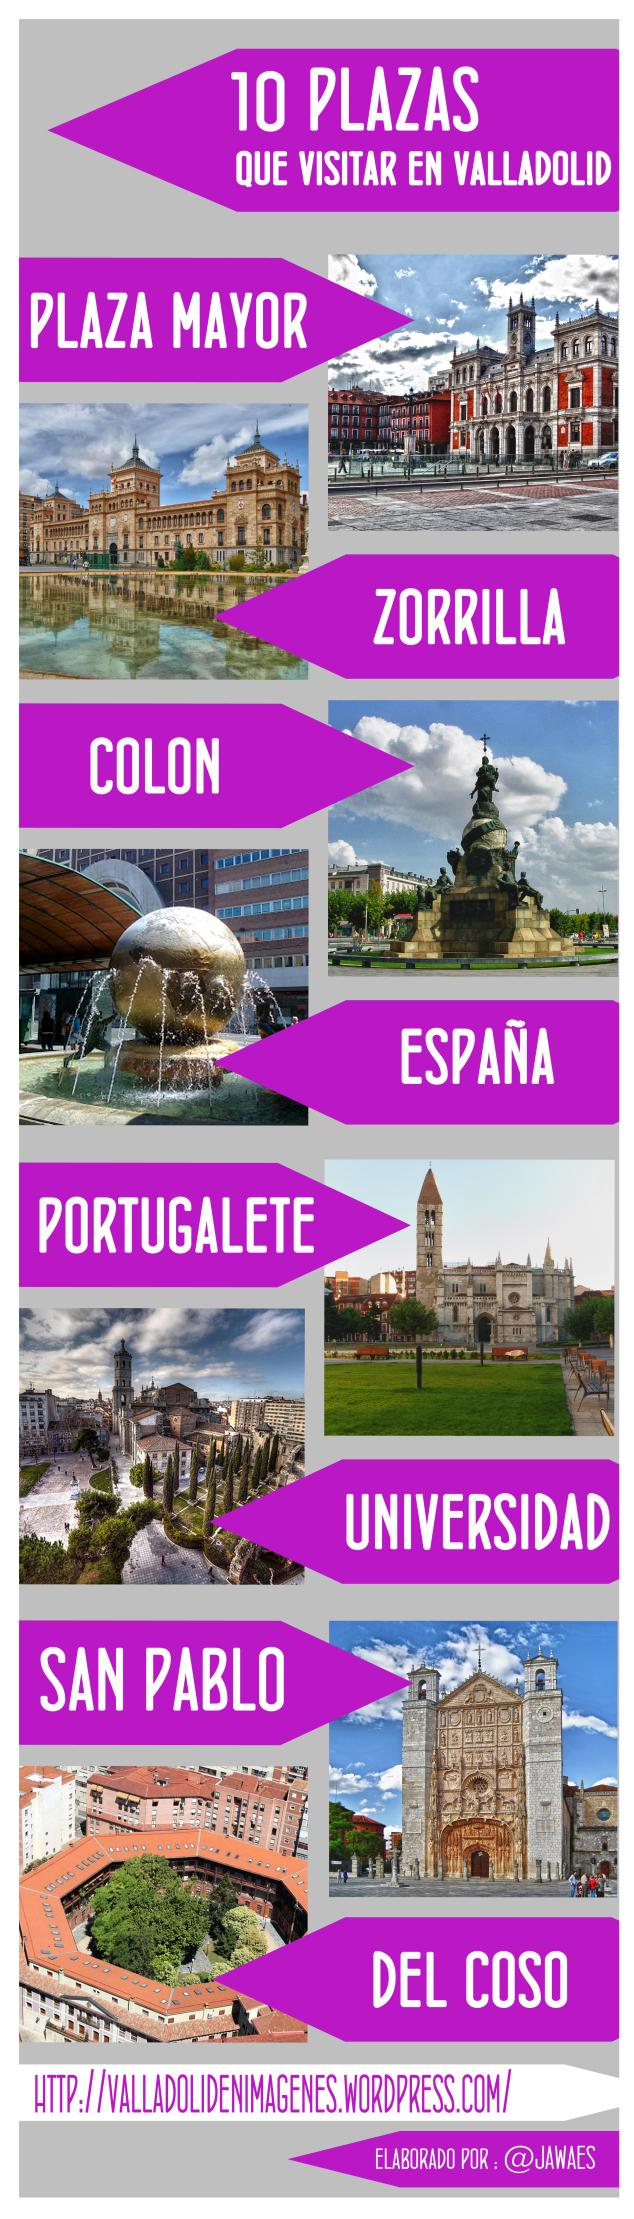 10 plazas que debes visitar en Valladolid